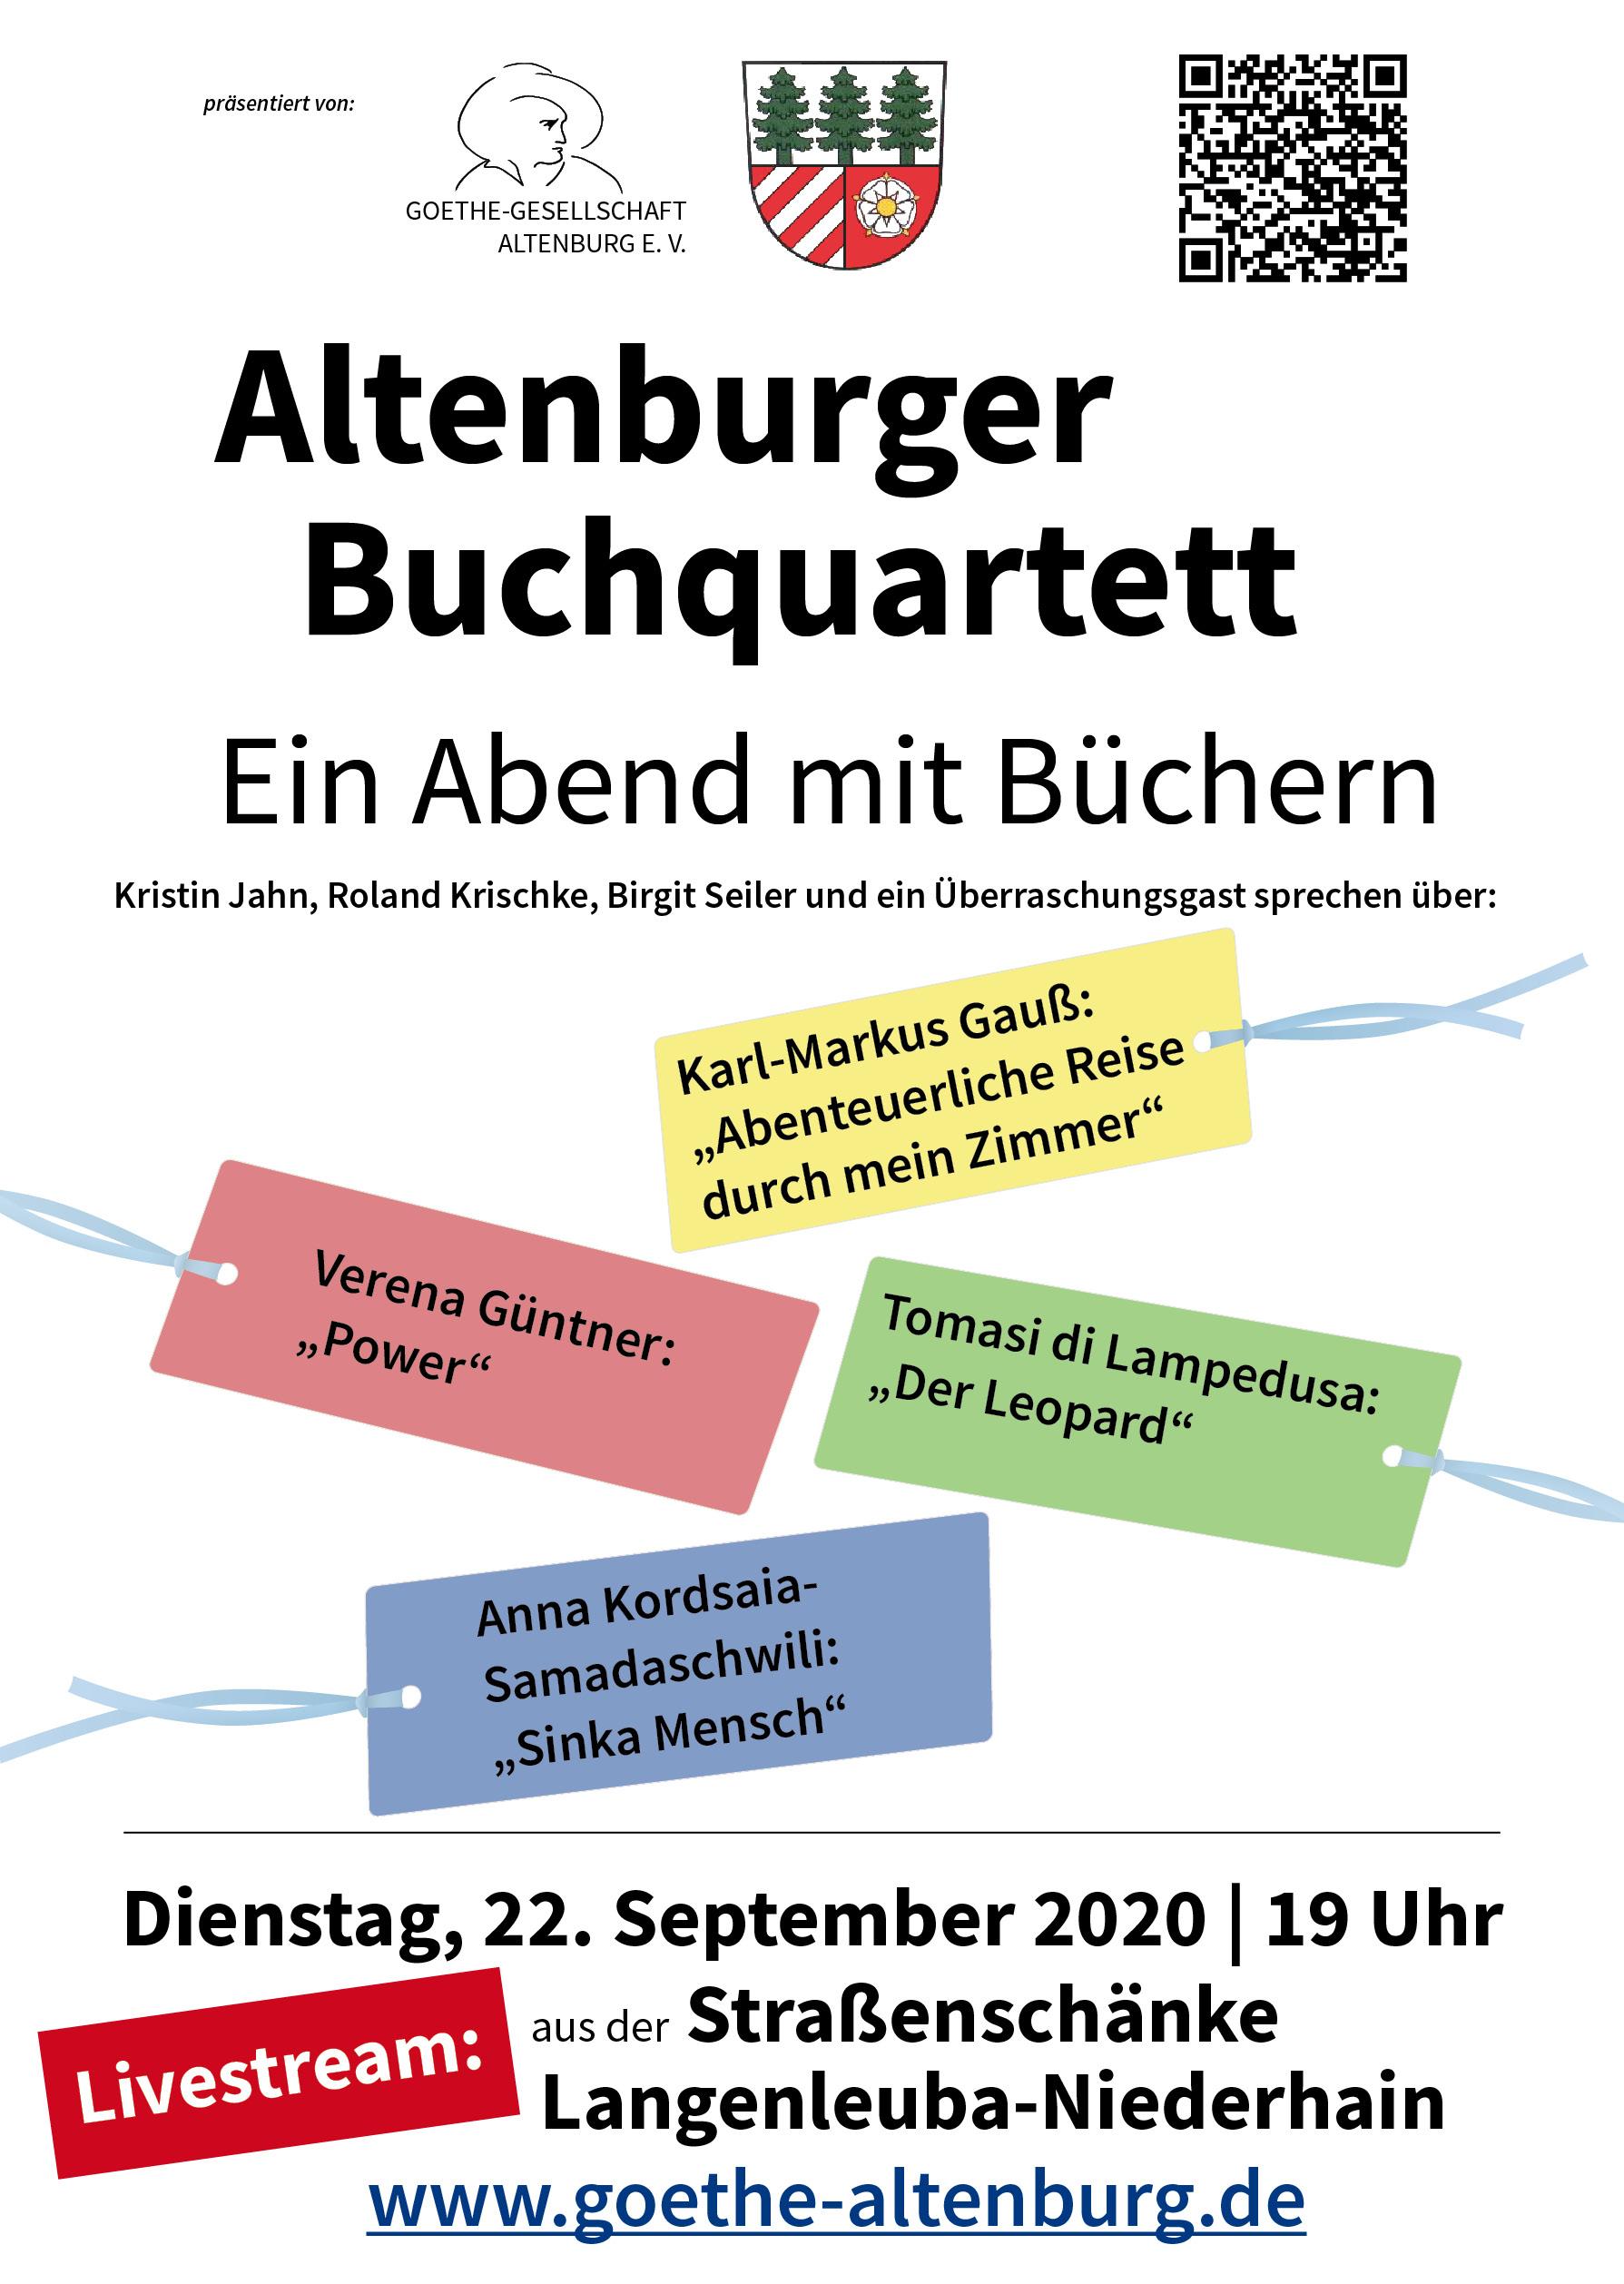 Altenburger Buchquartett zu Gast in Langenleuba-Niederhain